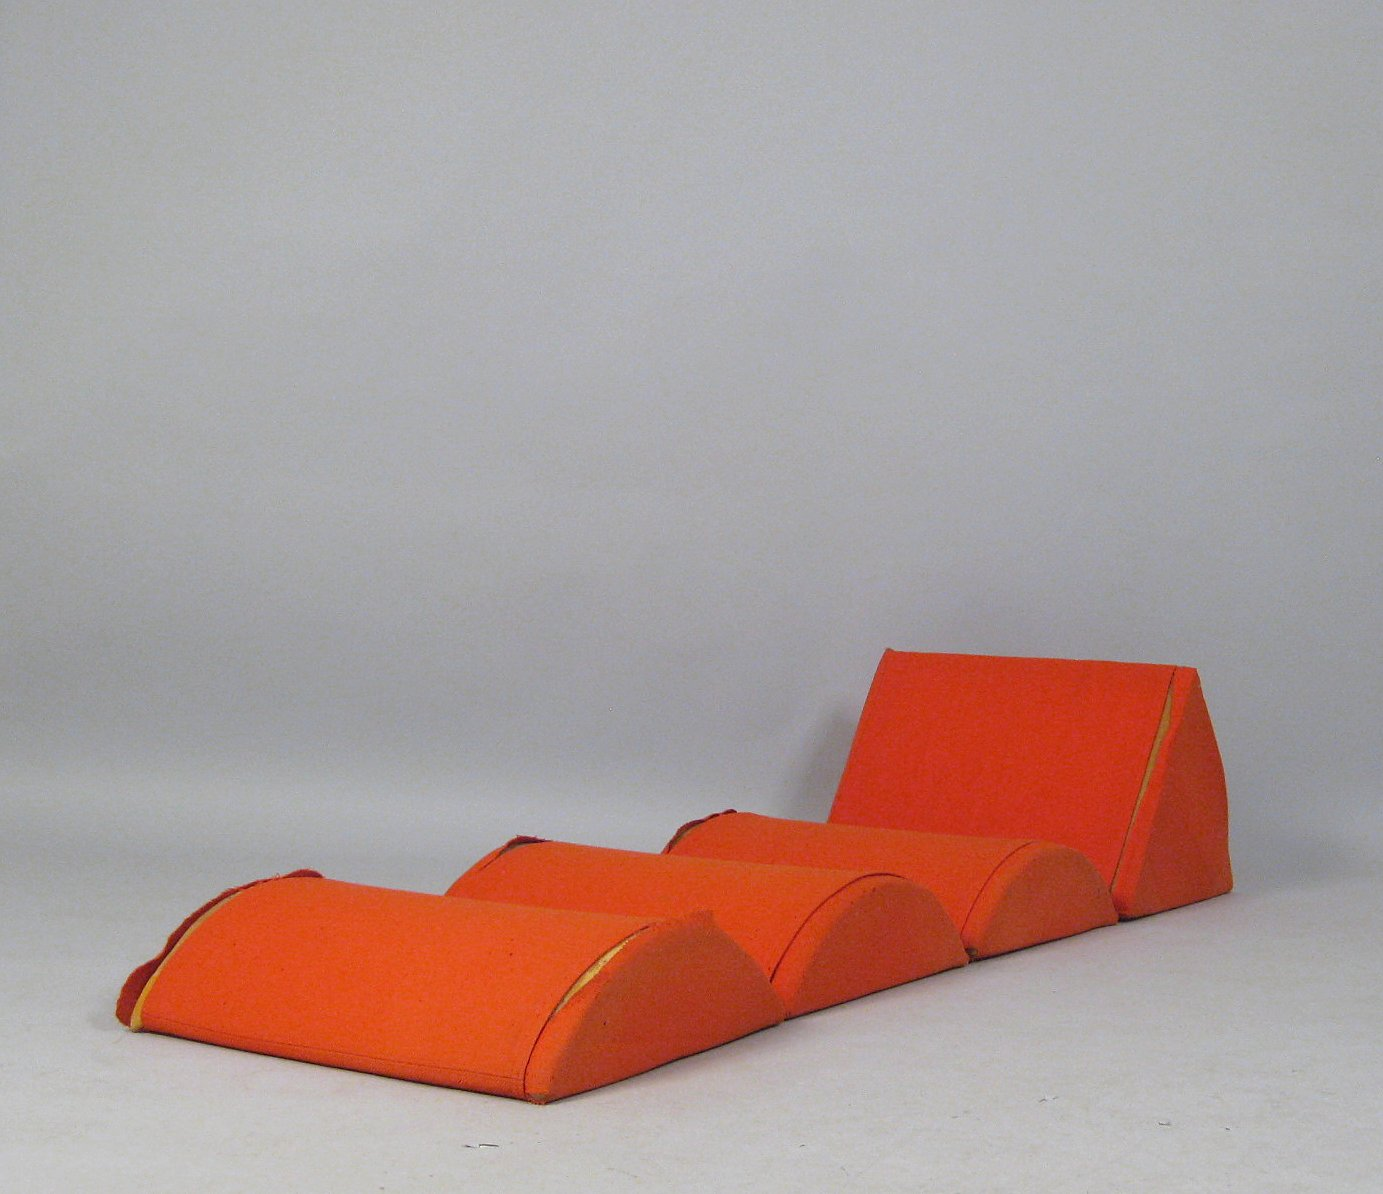 Johannes Larsen Sitzobjekt Sessel Chaise Modell CUBO Fur France Sn